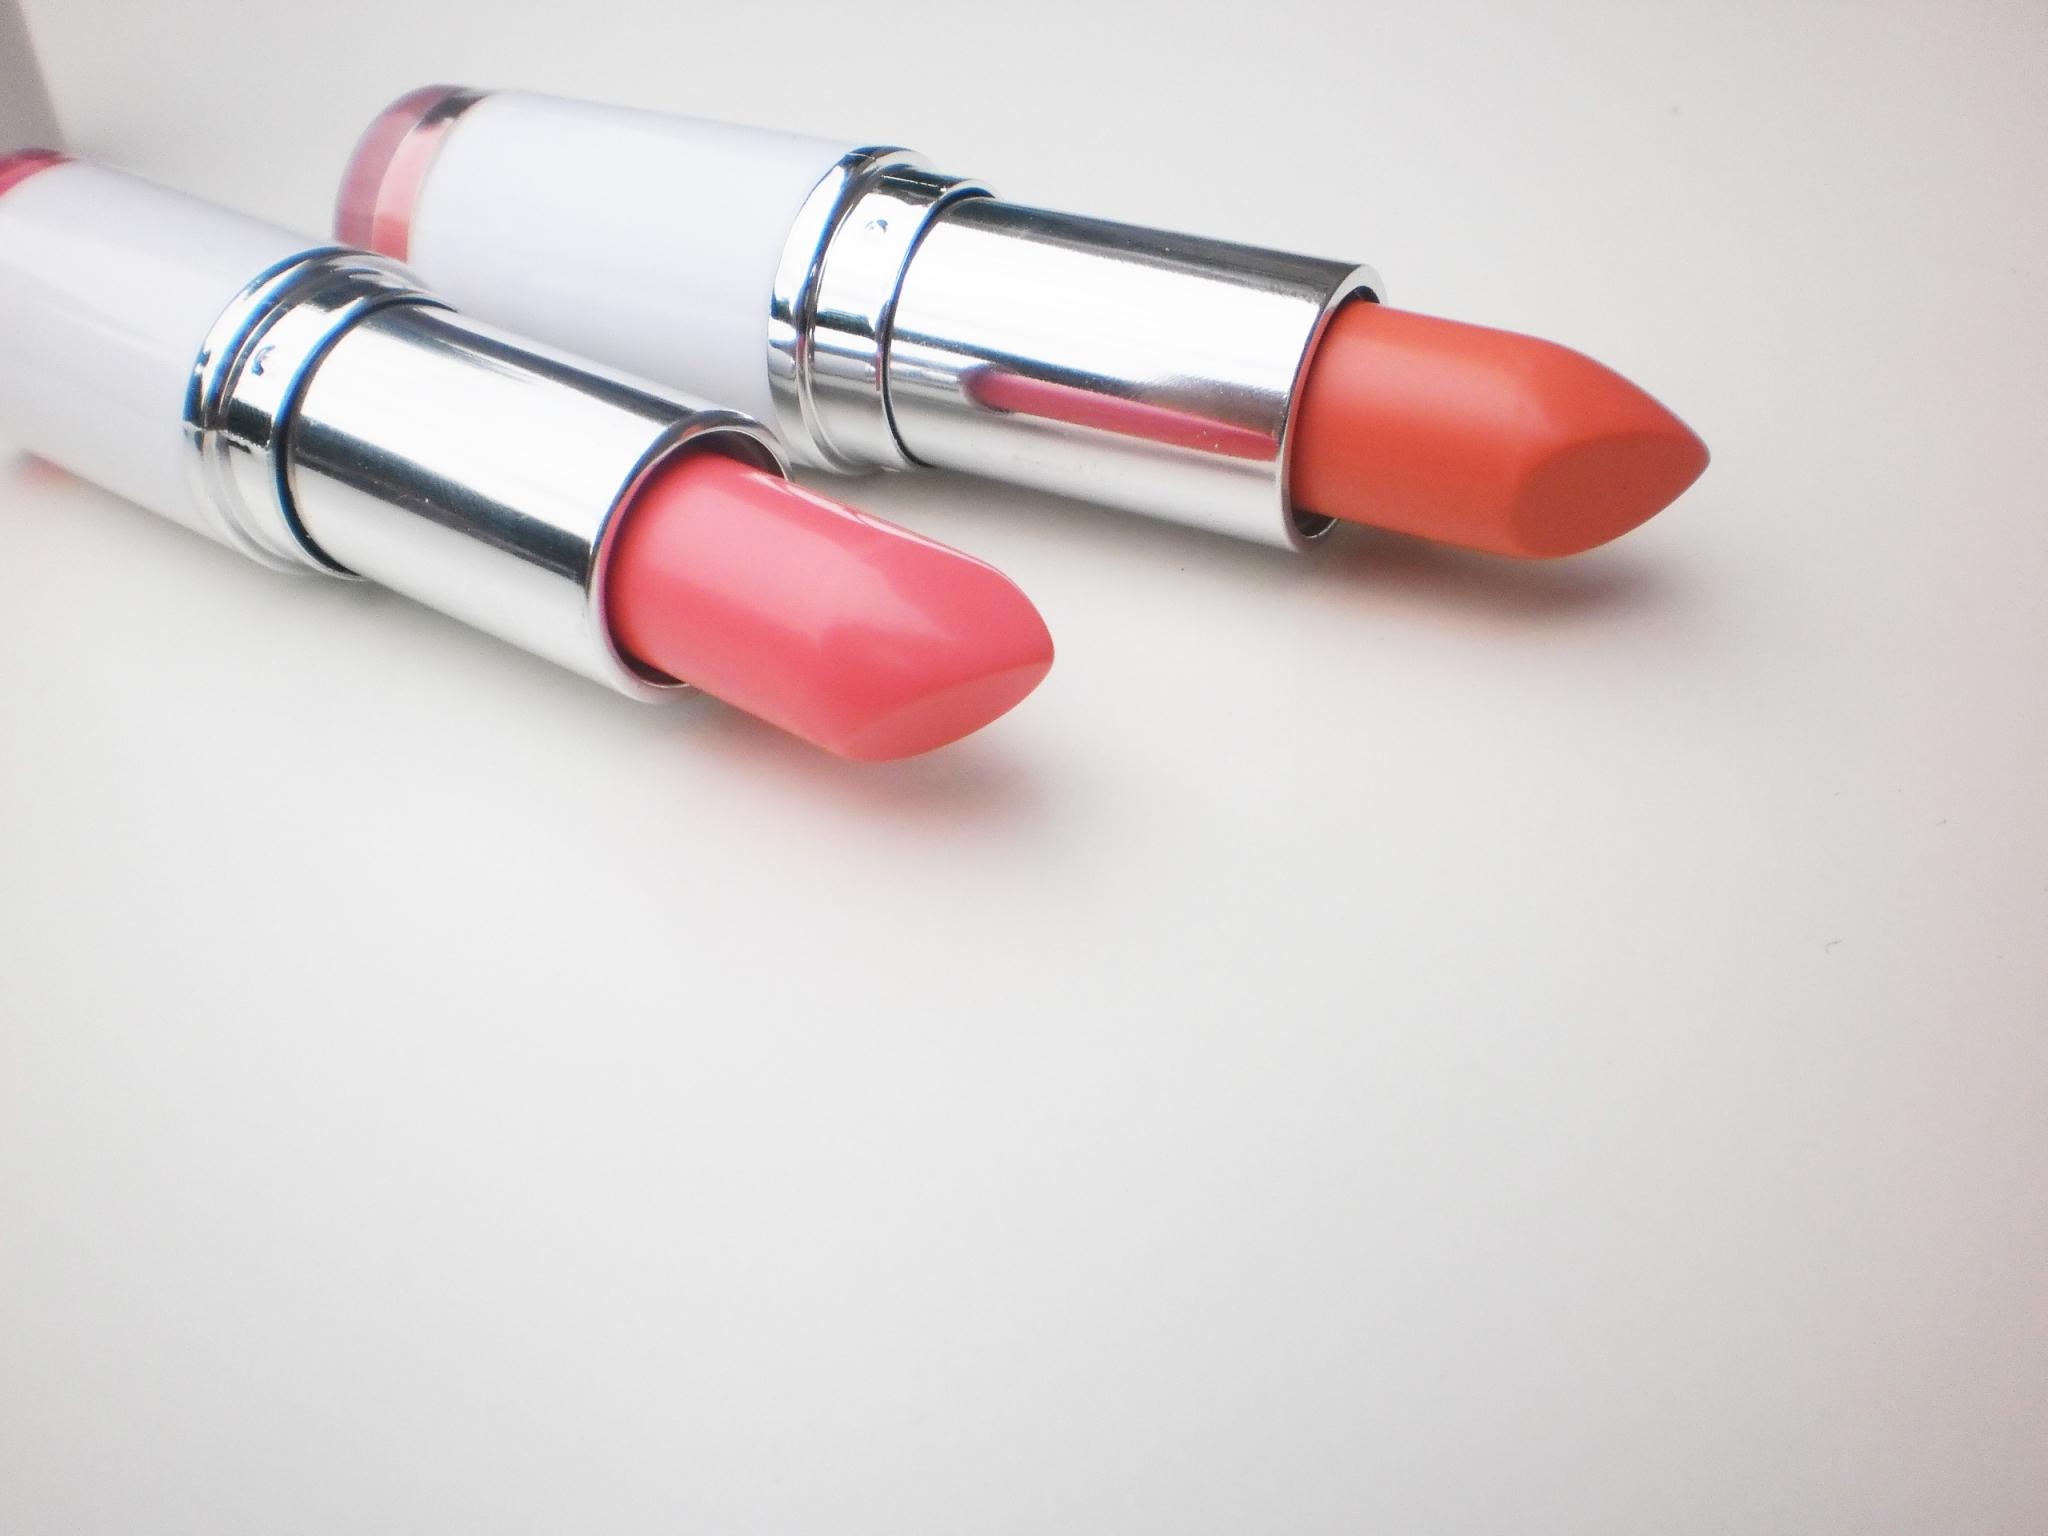 Make Up Academy Matte Lipsticks Pouty Pink & Peachy Keen